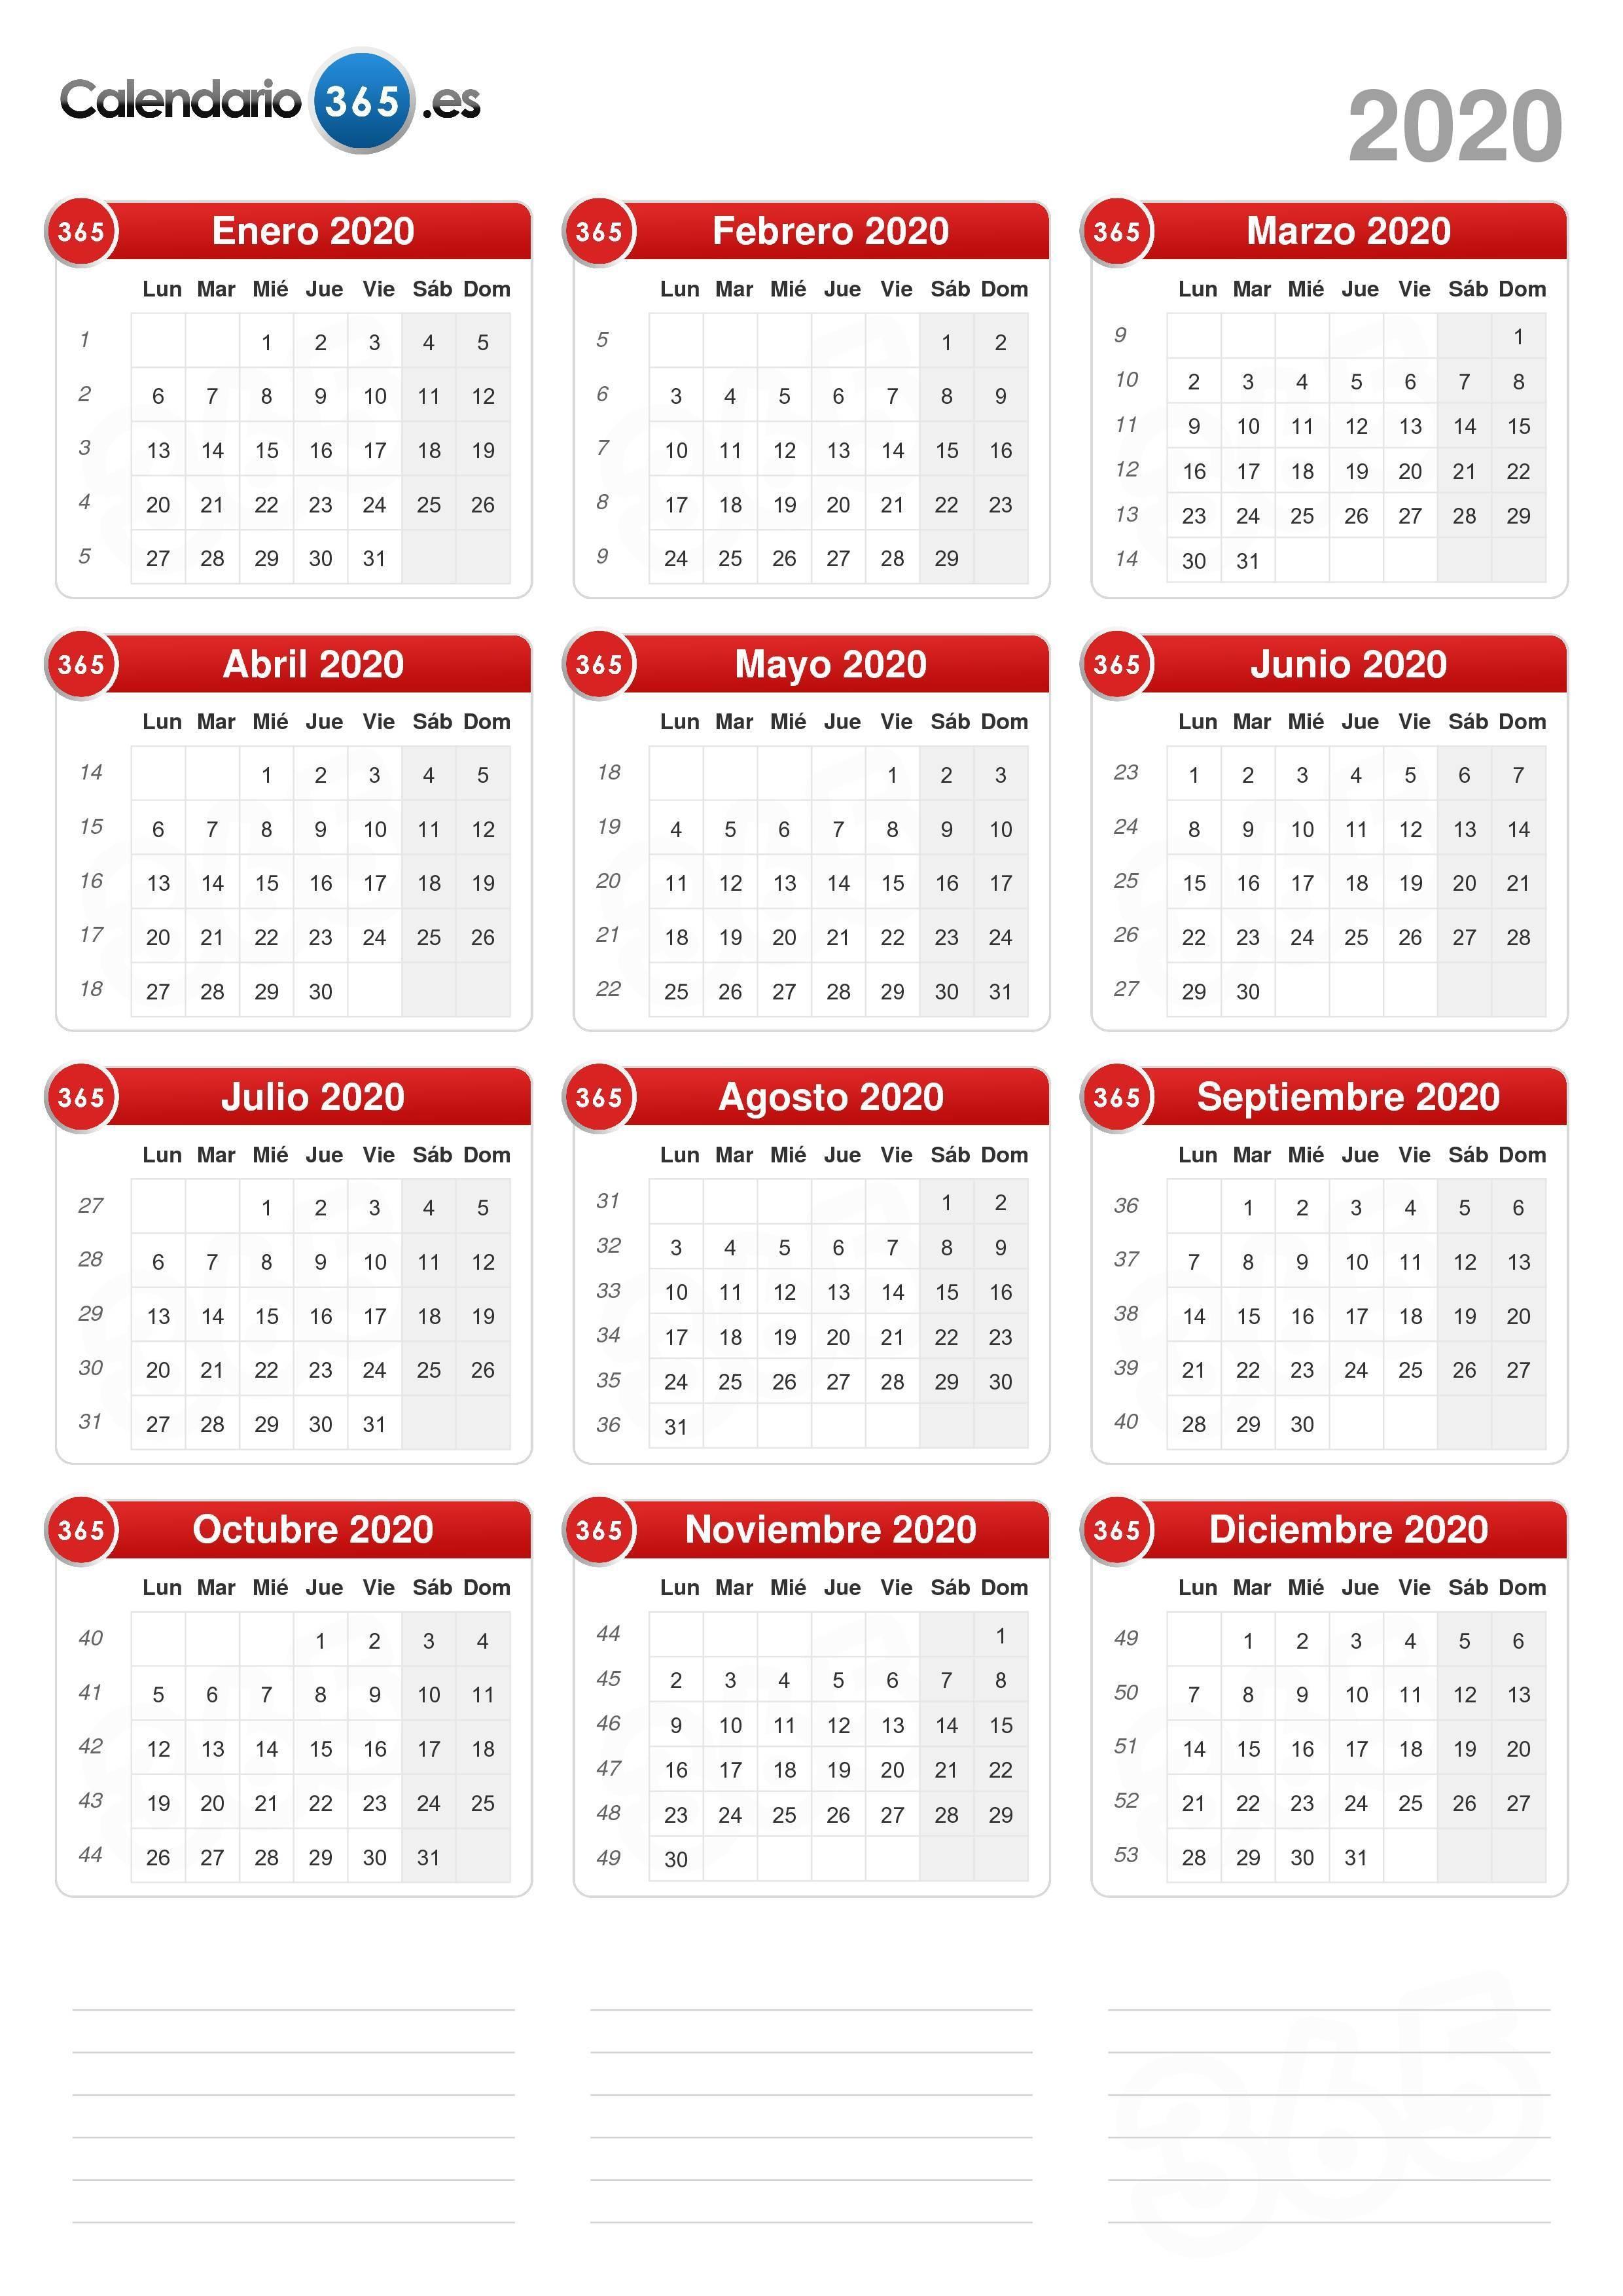 Calendario Semana Santa 2019 Venezuela Más Recientemente Liberado Calendario 2020 Of Calendario Semana Santa 2019 Venezuela Actual Calaméo Diario De Noticias De lava